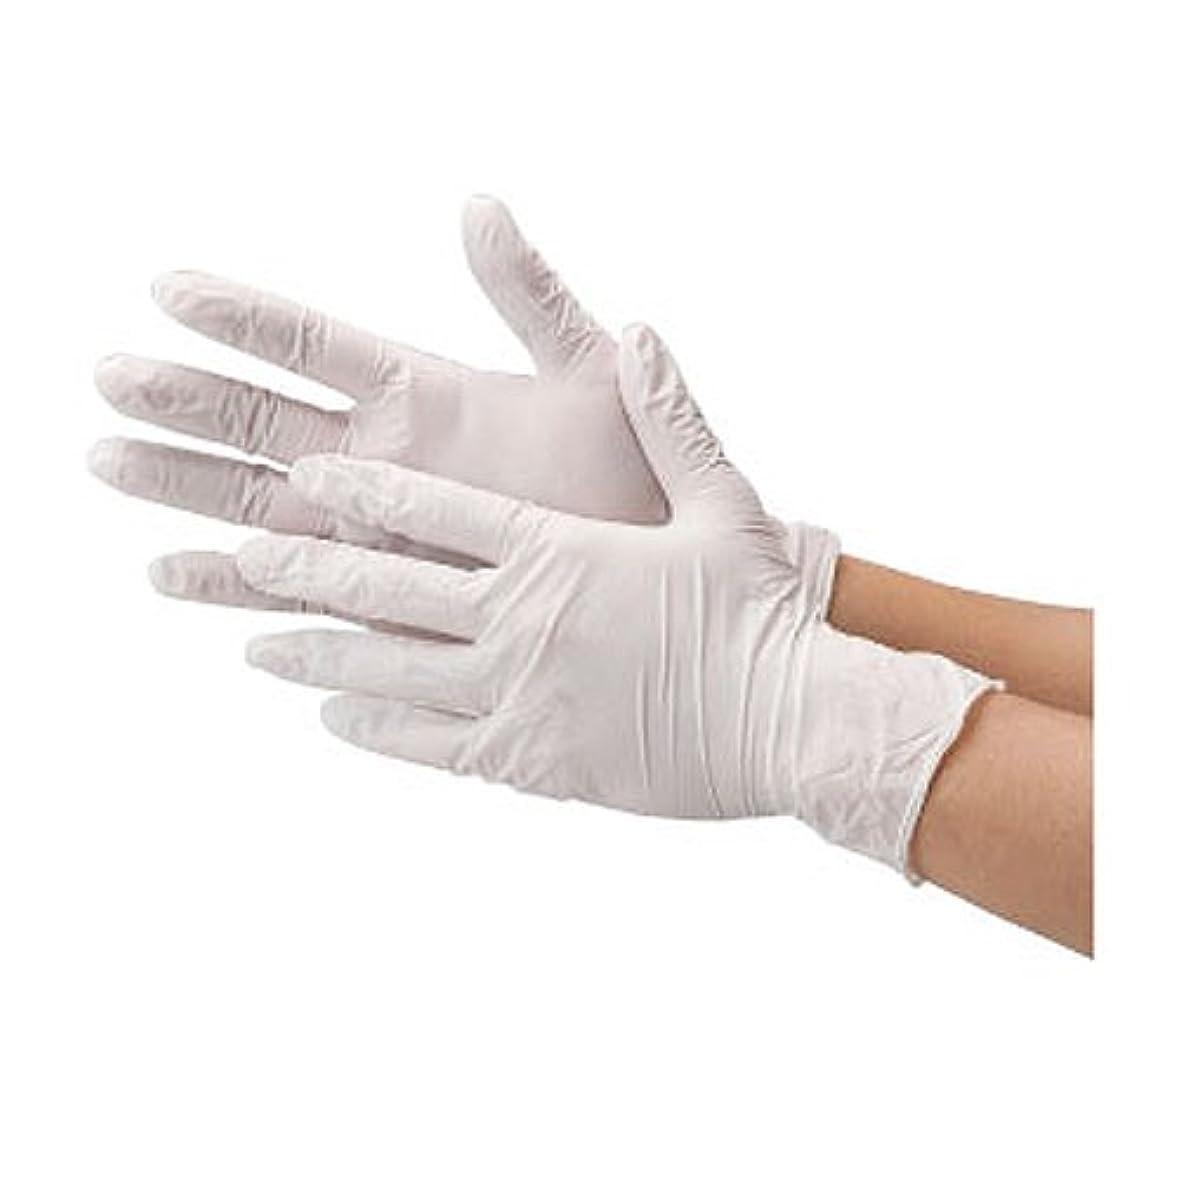 川西工業 ニトリル 使いきり手袋 ストロング 粉無 100枚入り 2037 ホワイトSS